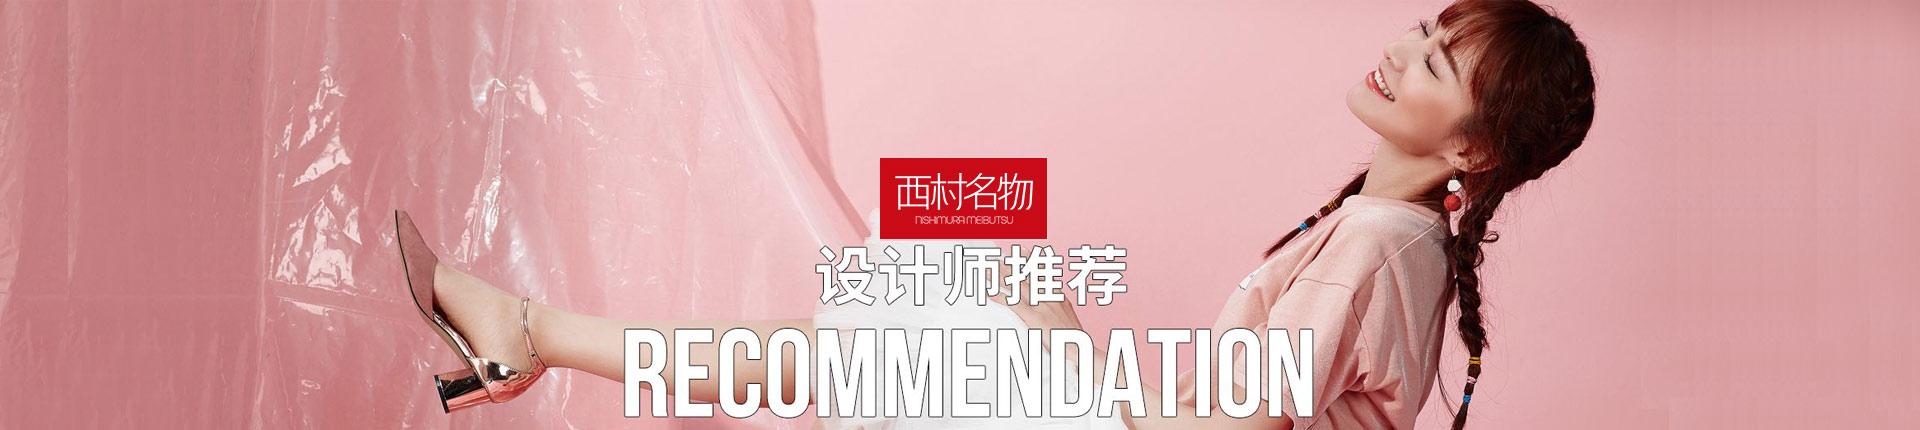 西村名物官方網站